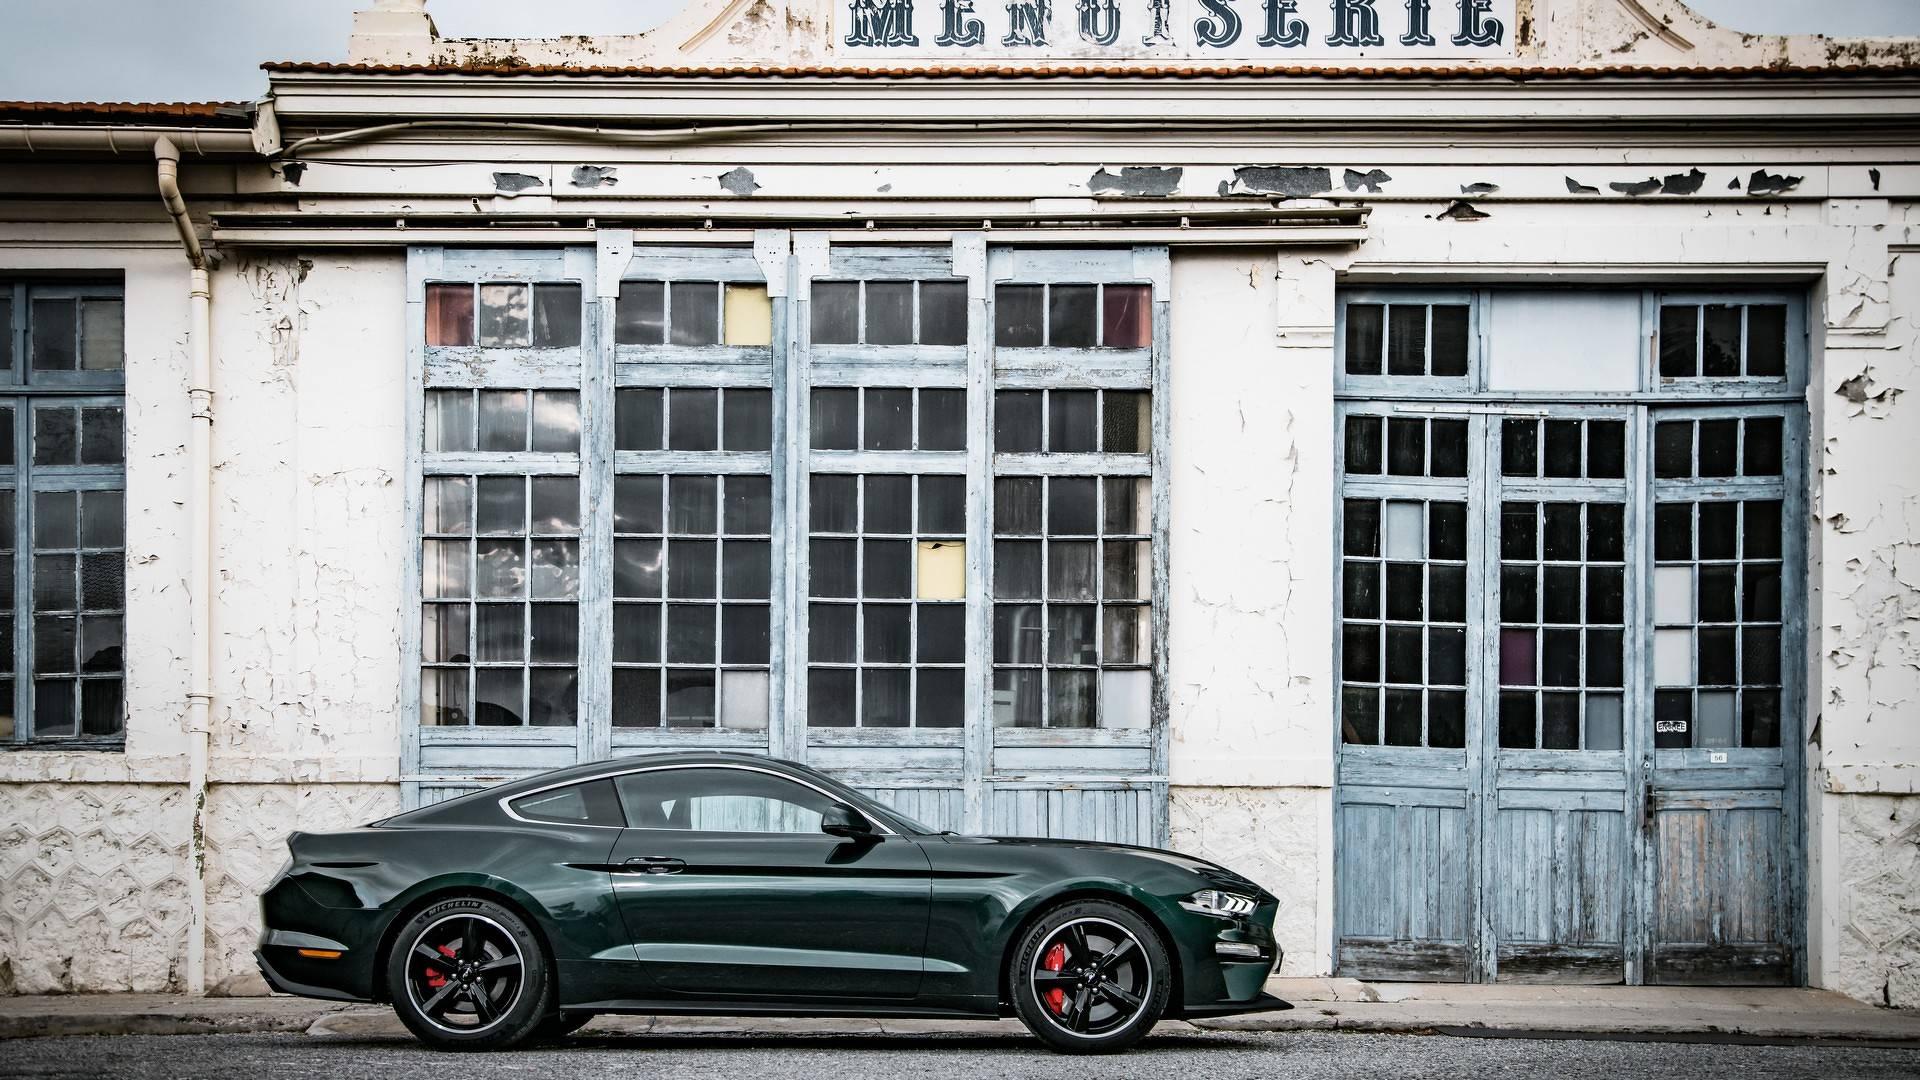 2019-ford-mustang-bullitt-euro-spec (5).jpg